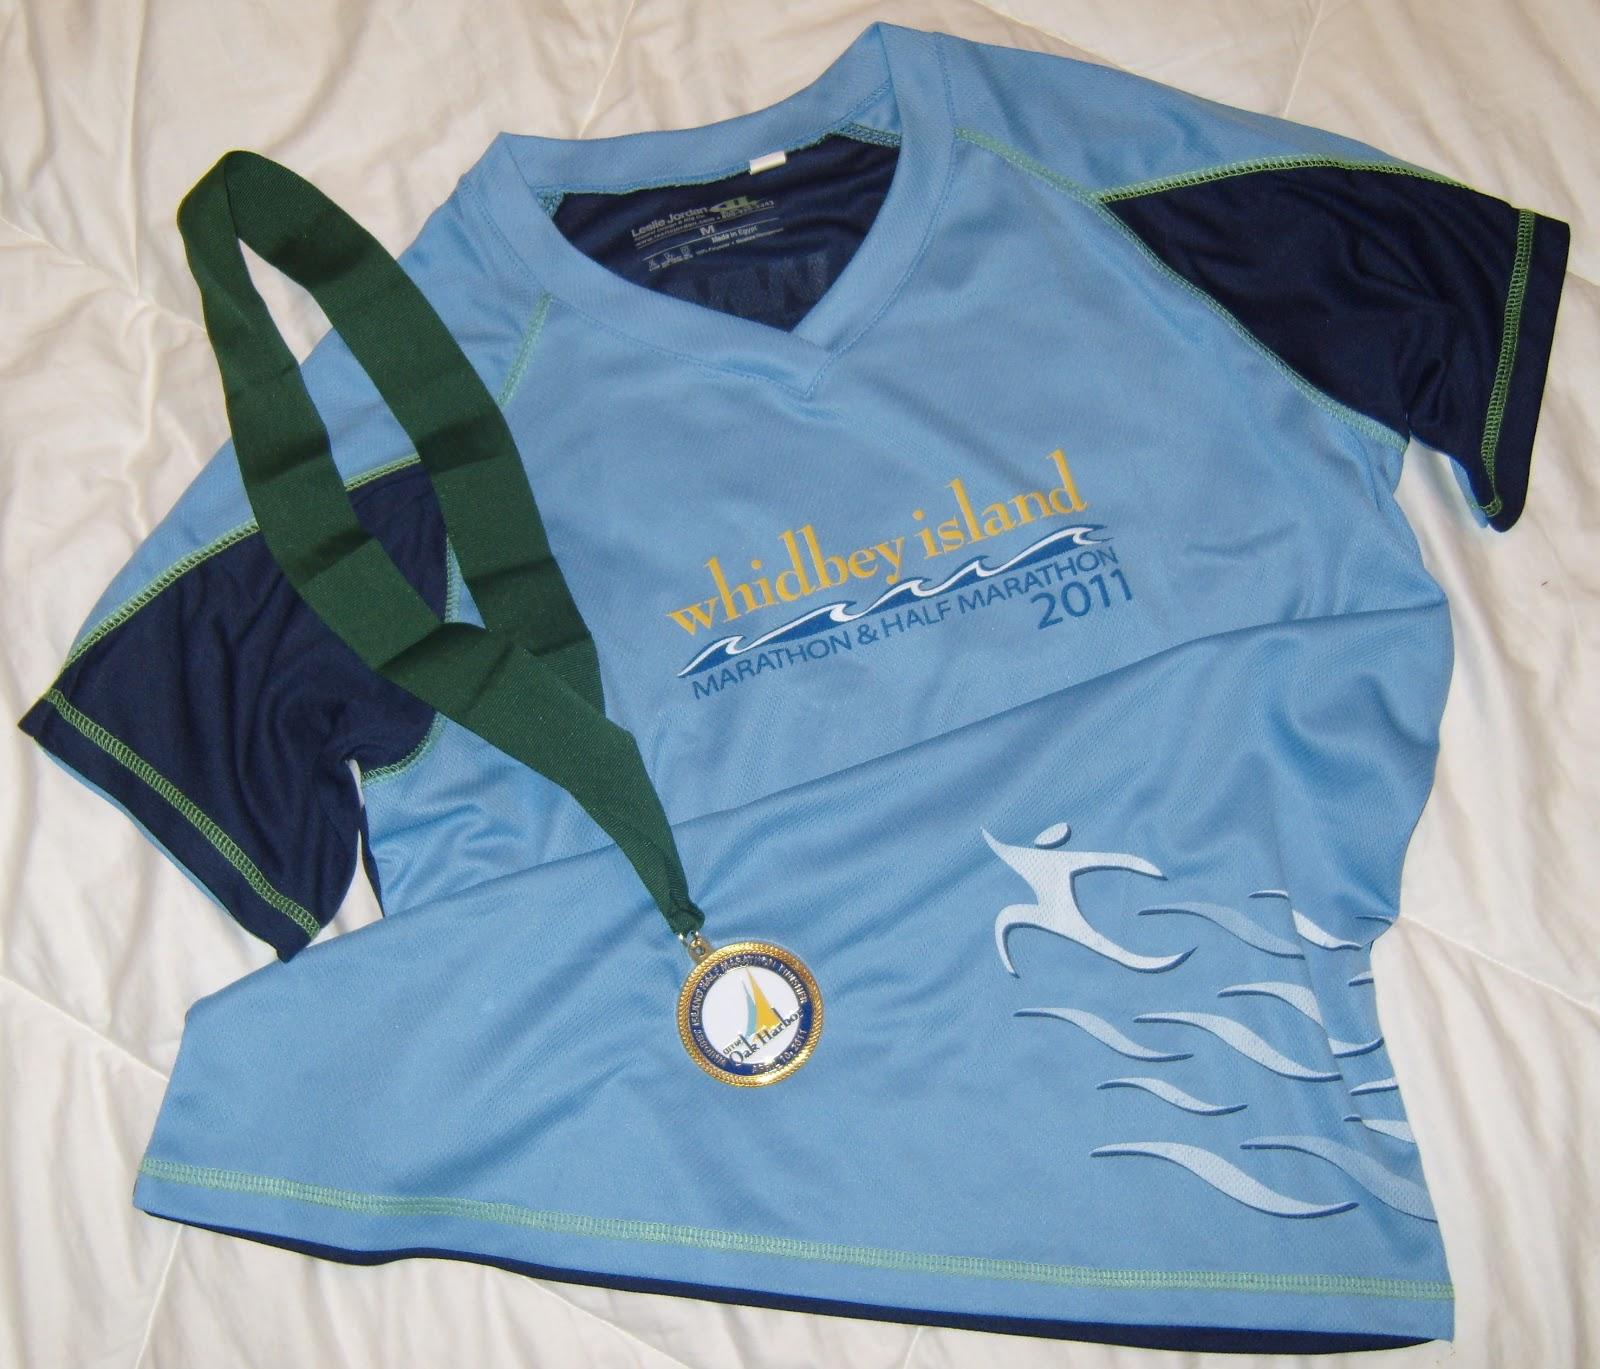 Whidbey Island Half Marathon Results